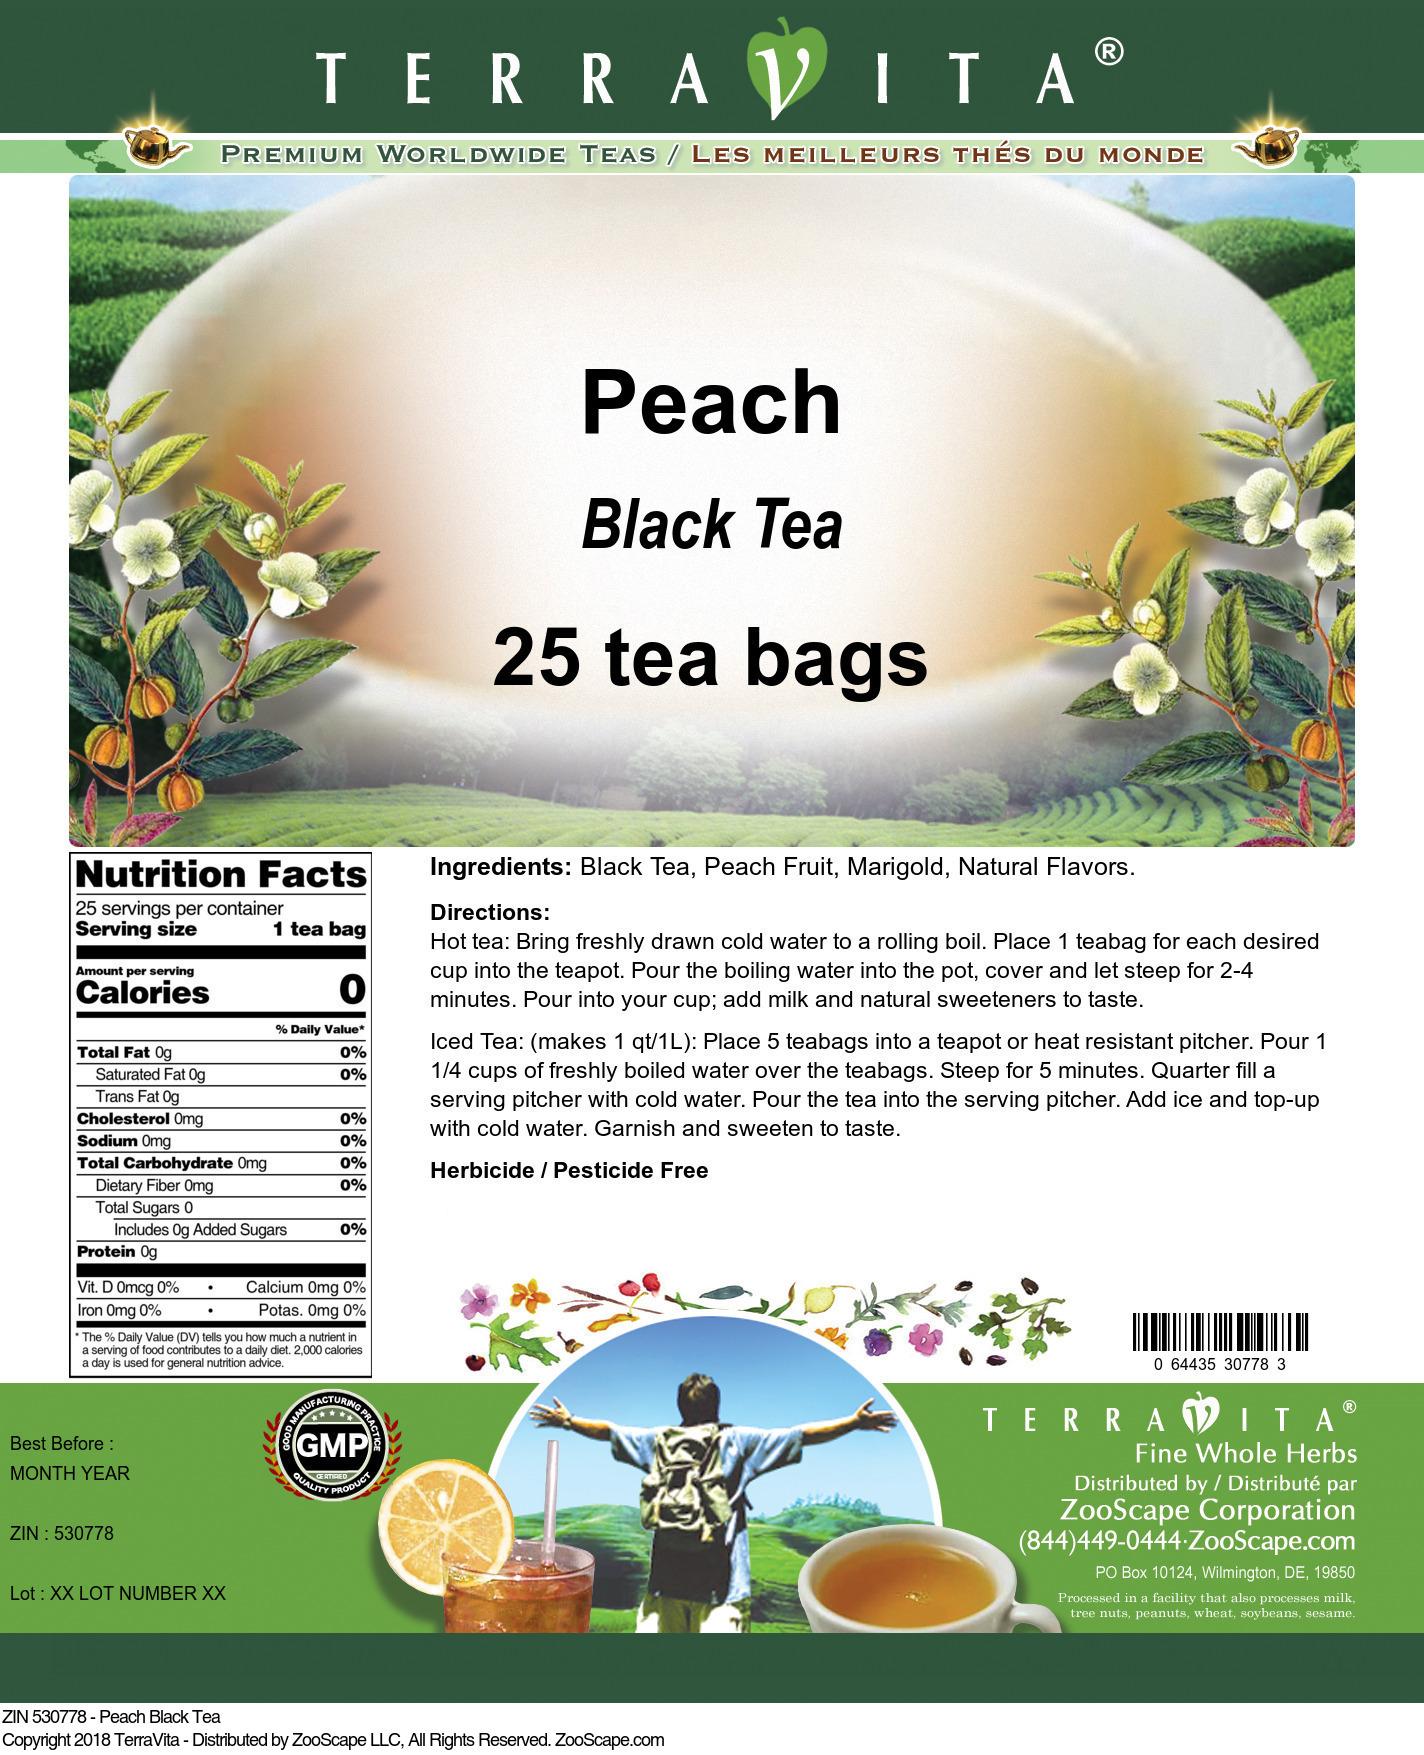 Peach Black Tea